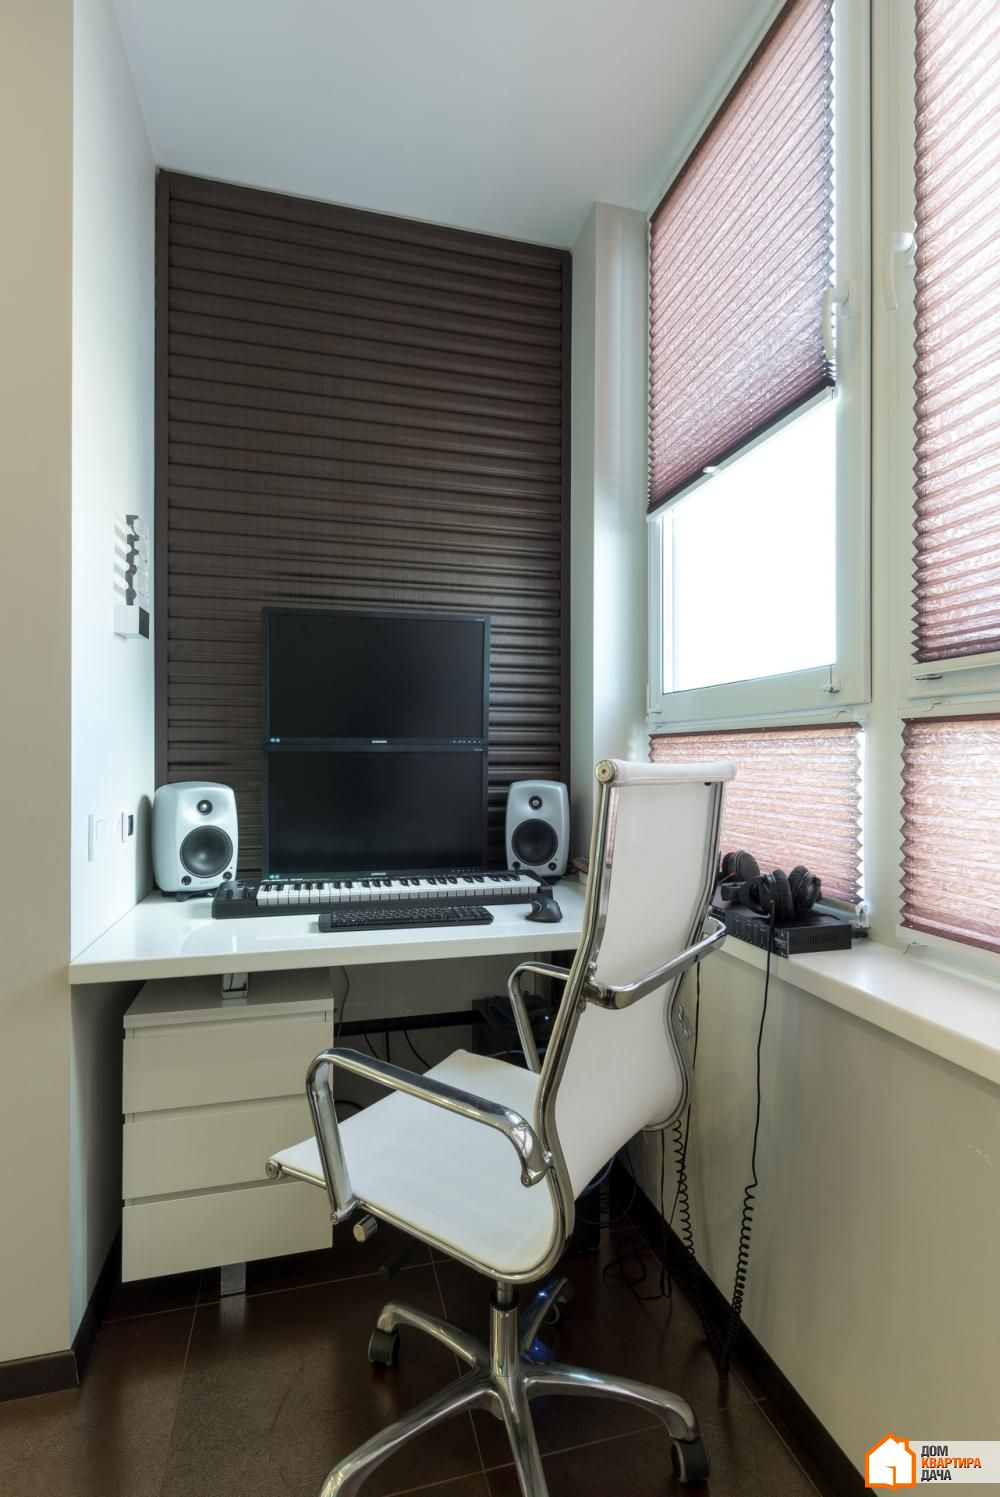 Офис - фотографии интерьера, фото дизайна интерьеров.